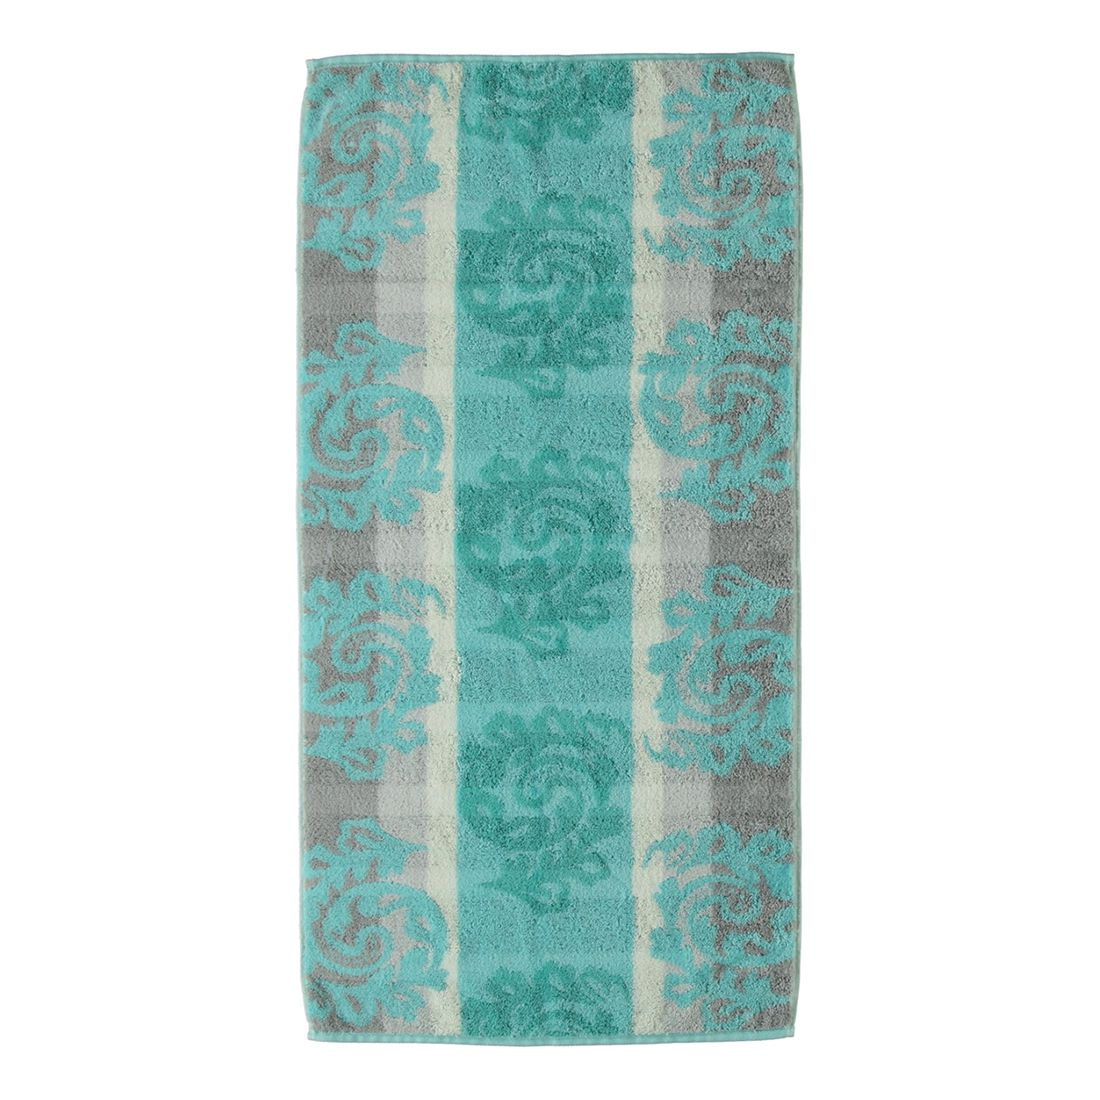 Handtuch Noblesse Cashmere Jacquard 1057 – 100% Baumwolle mint – 14 – Duschtuch: 80 x 150 cm, Cawö jetzt kaufen